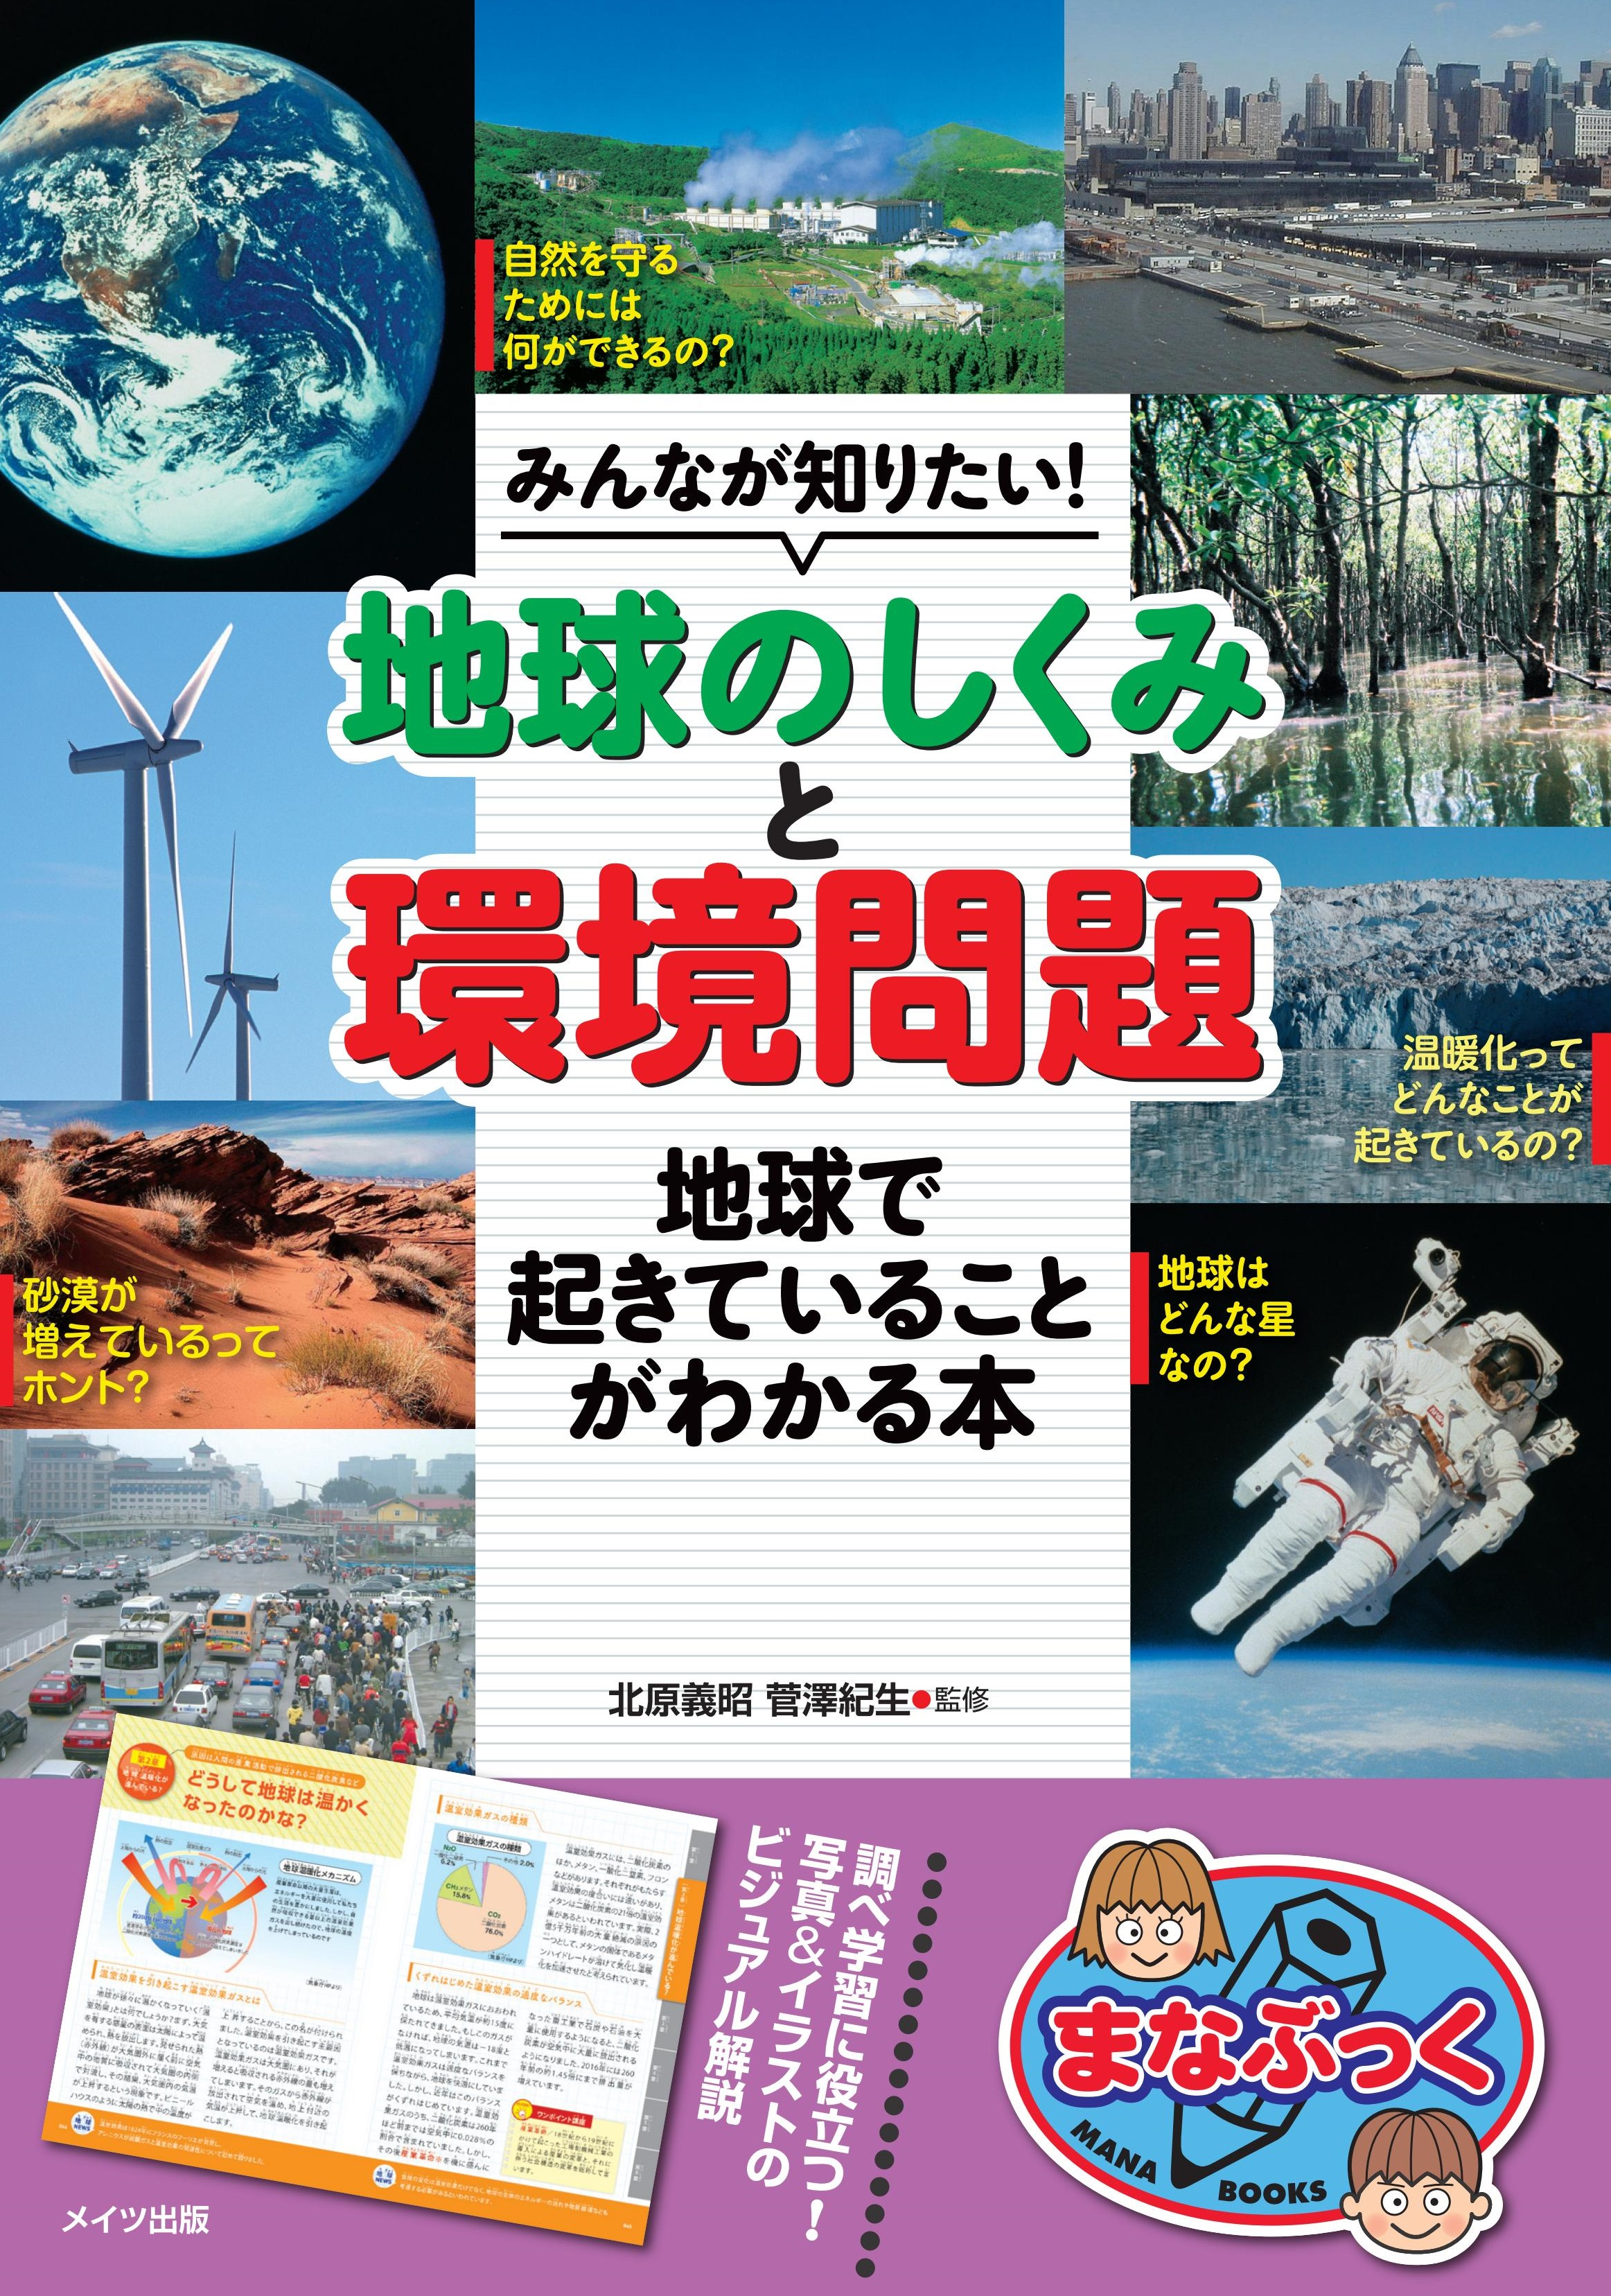 みんなが知りたい! 「地球のしくみ」と「環境問題」 地球で起きていることがわかる本